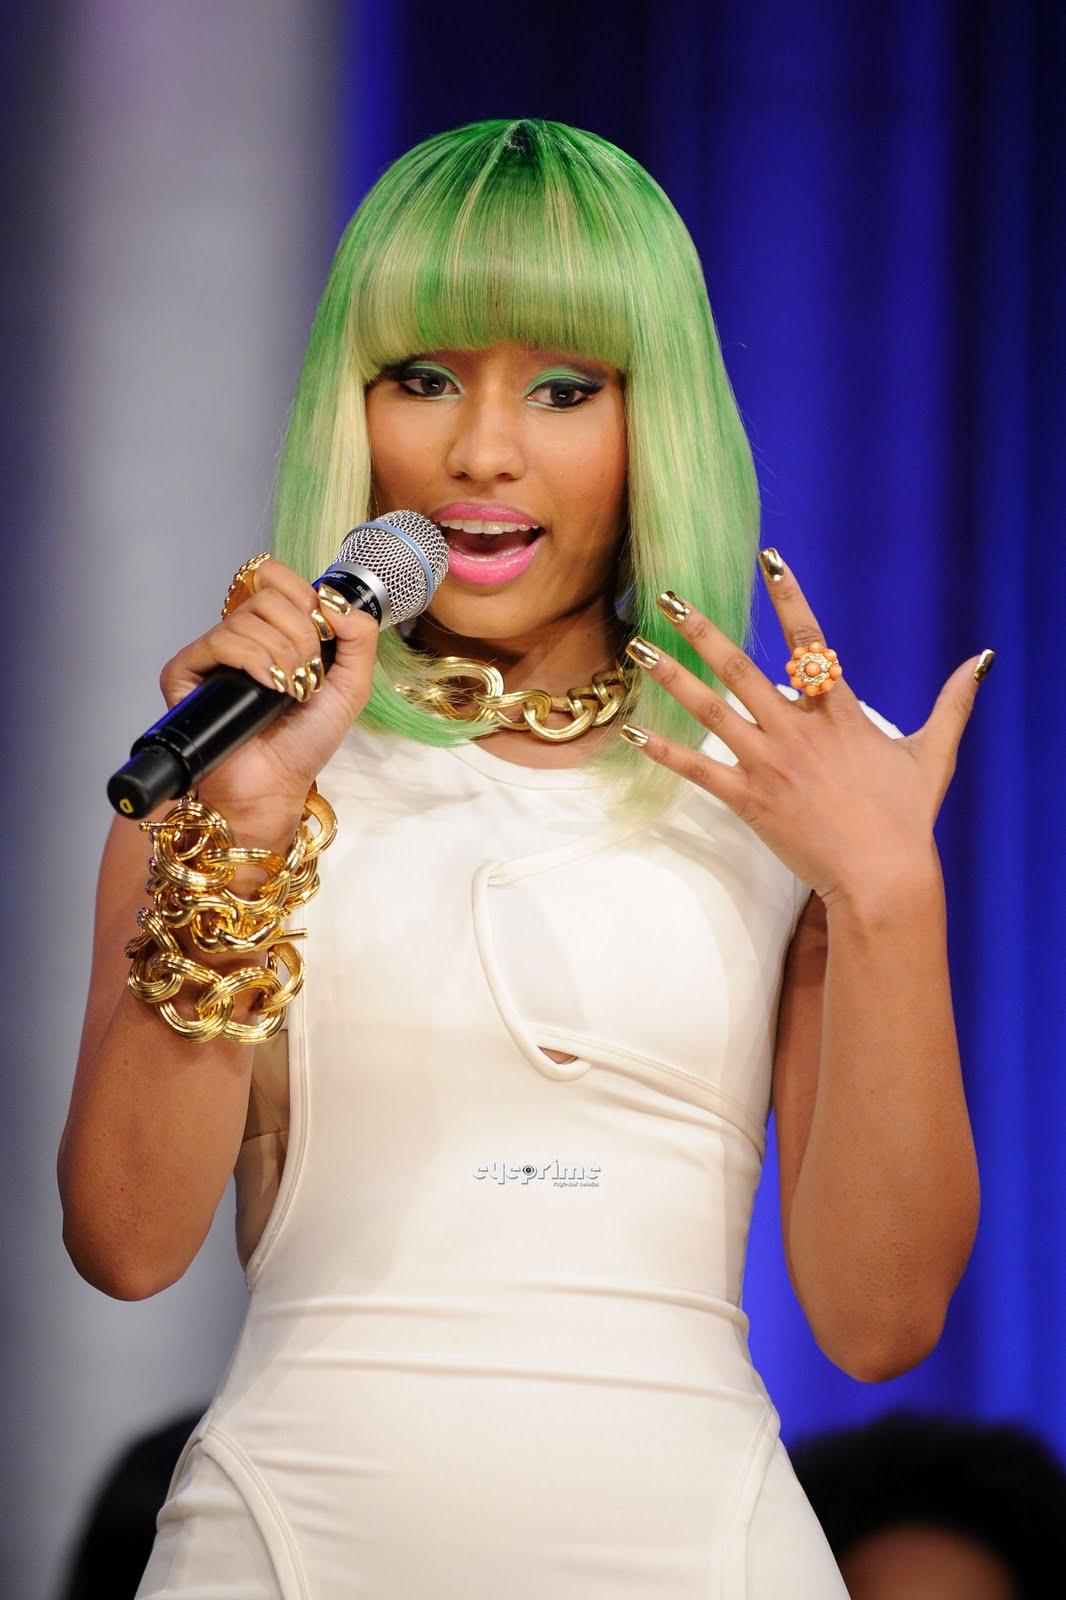 http://1.bp.blogspot.com/-qM54dagQryI/TvwPHia8rHI/AAAAAAAABZM/P581f2BPZMM/s1600/Nicki-Minaj-superbass-lyrics-album-hairstyles+%25288%2529.jpg